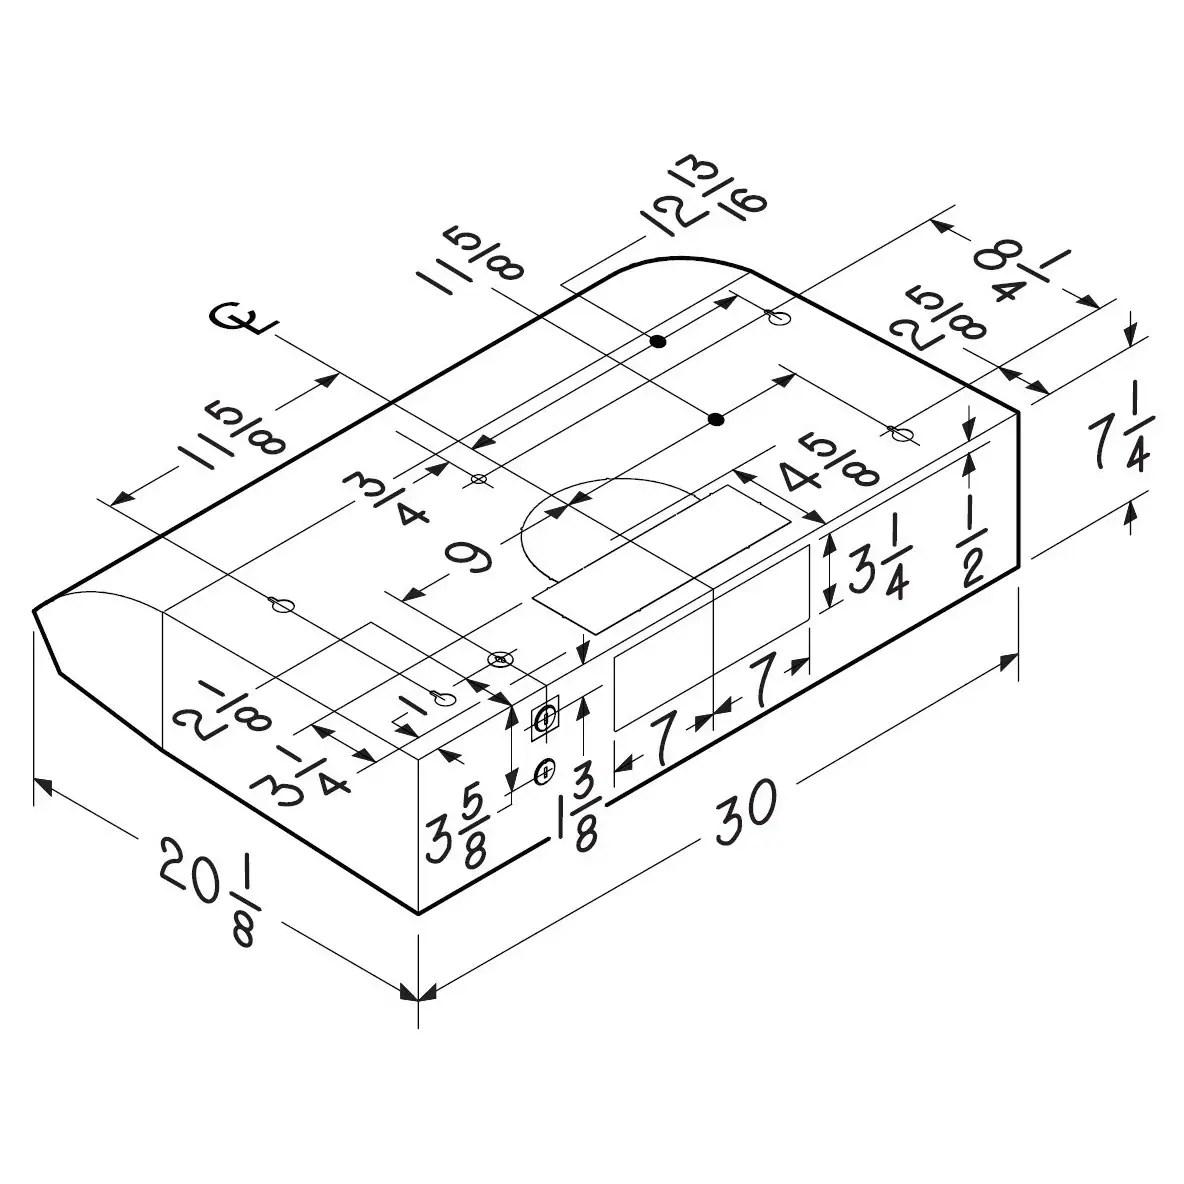 Broan qp3 wiring diagram wiring diagram